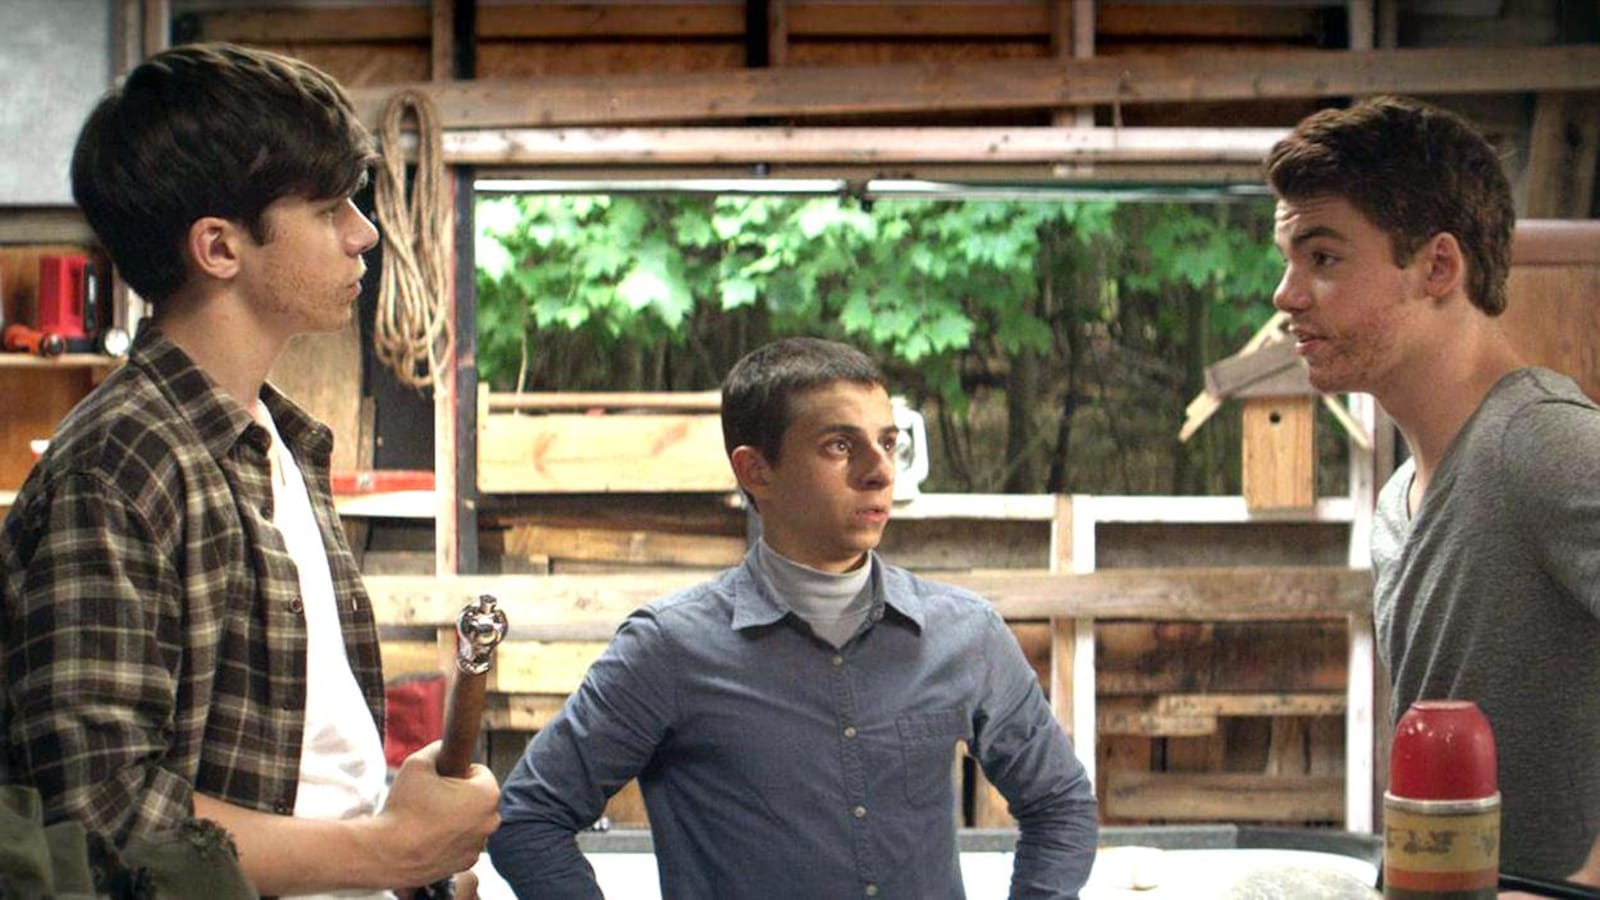 Trois jeunes garçons dans une cabane dans les bois.